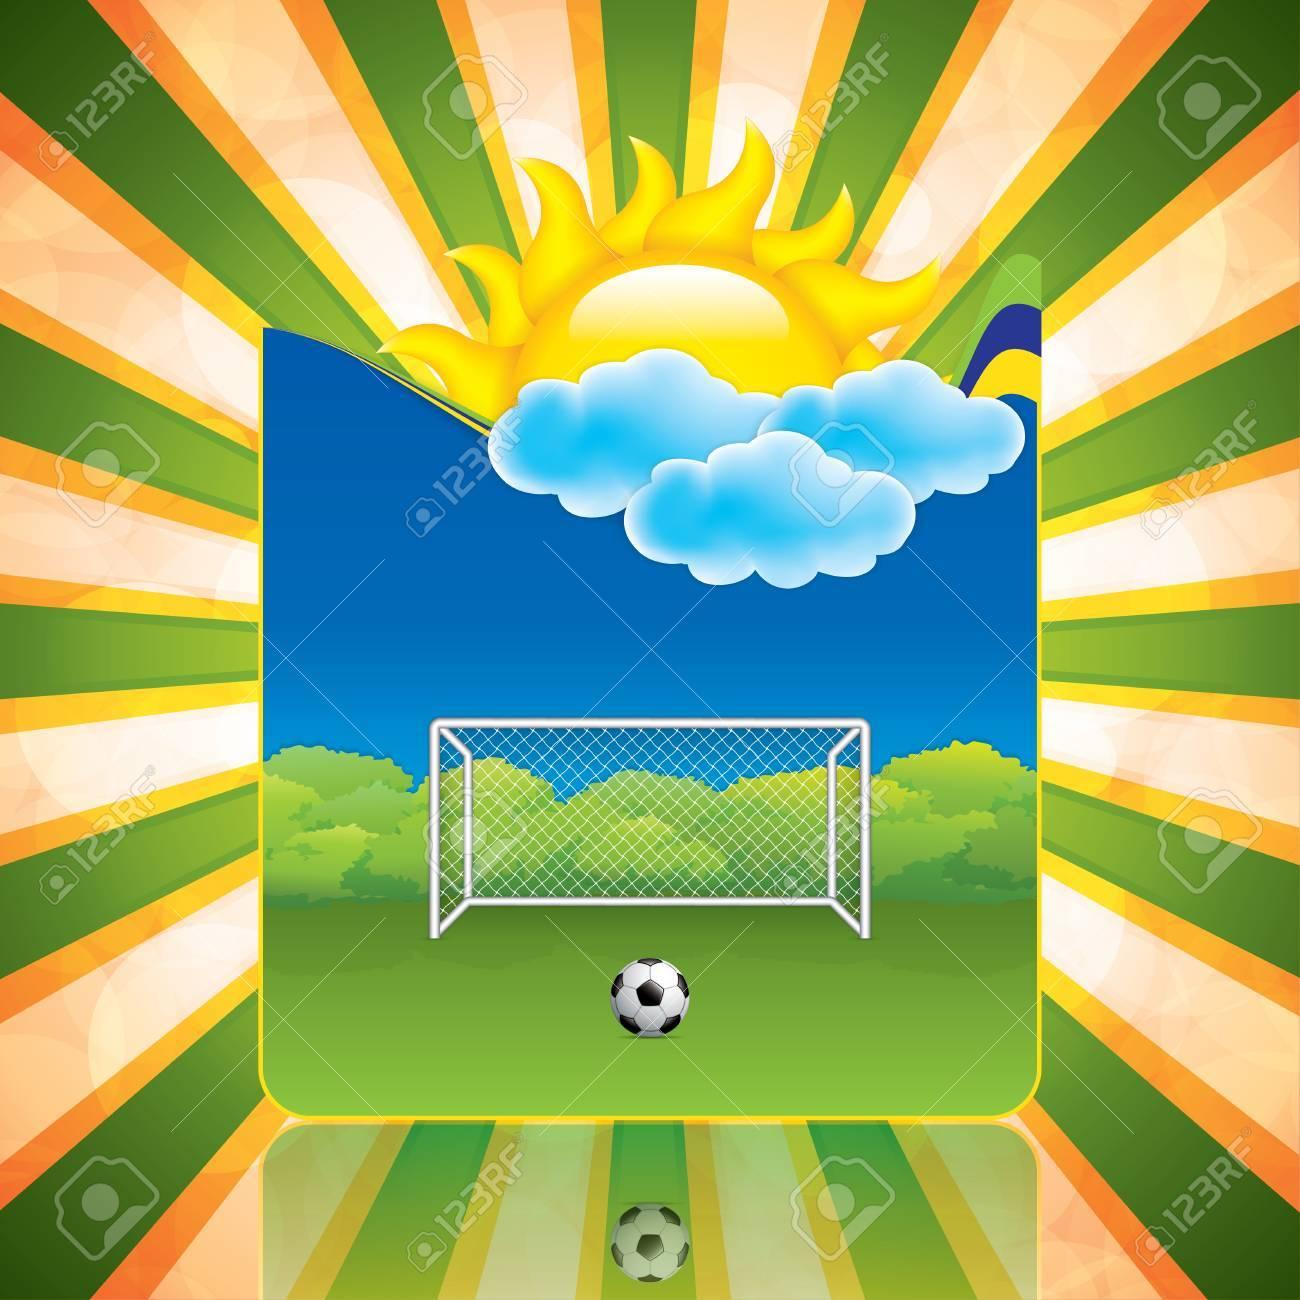 Marco Del Resorte Con El Objetivo De Fútbol Y Ball.Vector ...